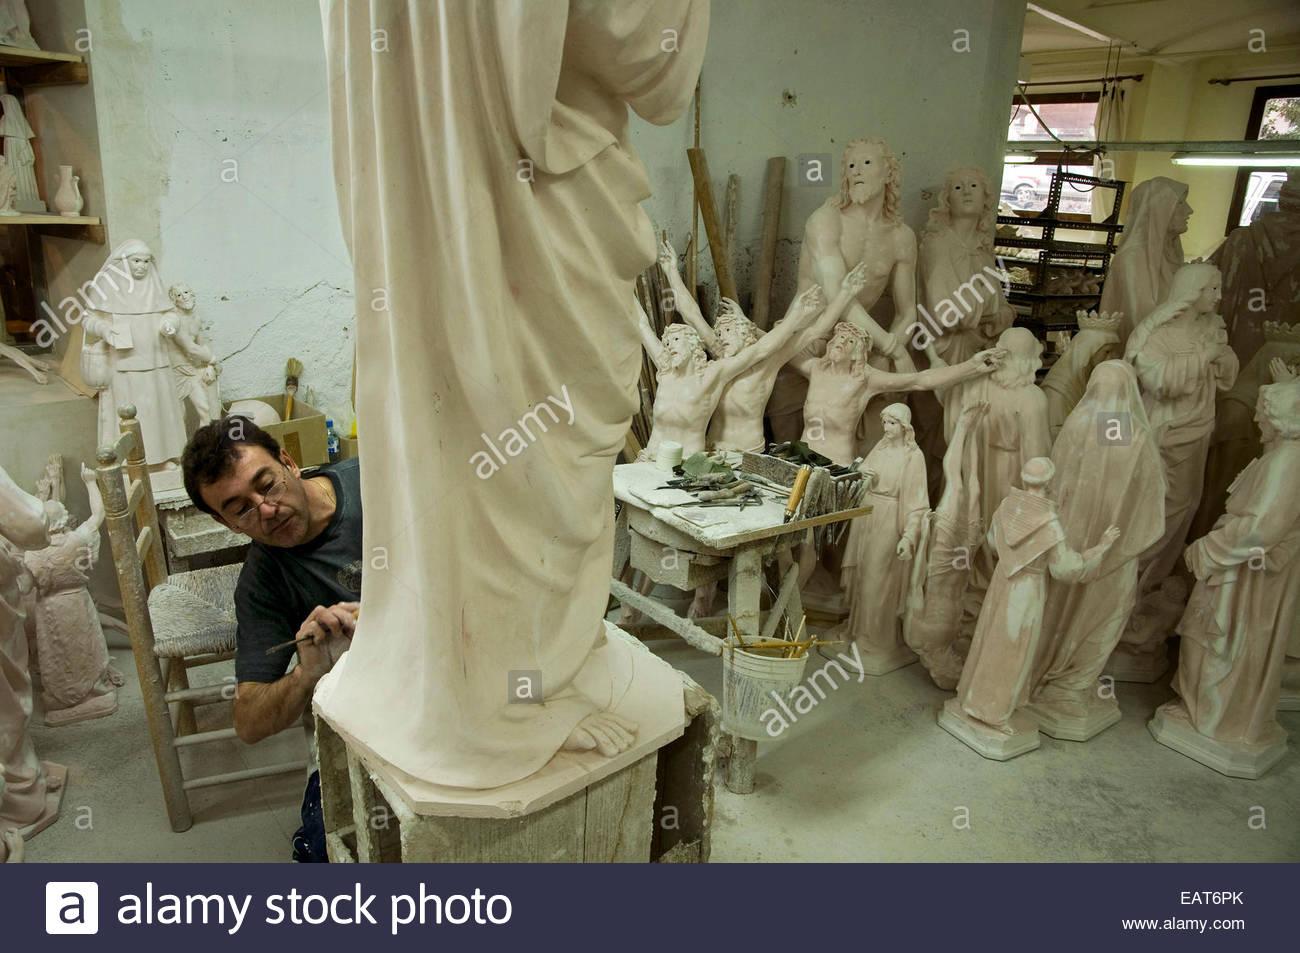 Un uomo artefice statue religiose a El Arte Cristiano in fabbrica a Olot, Spagna. Immagini Stock